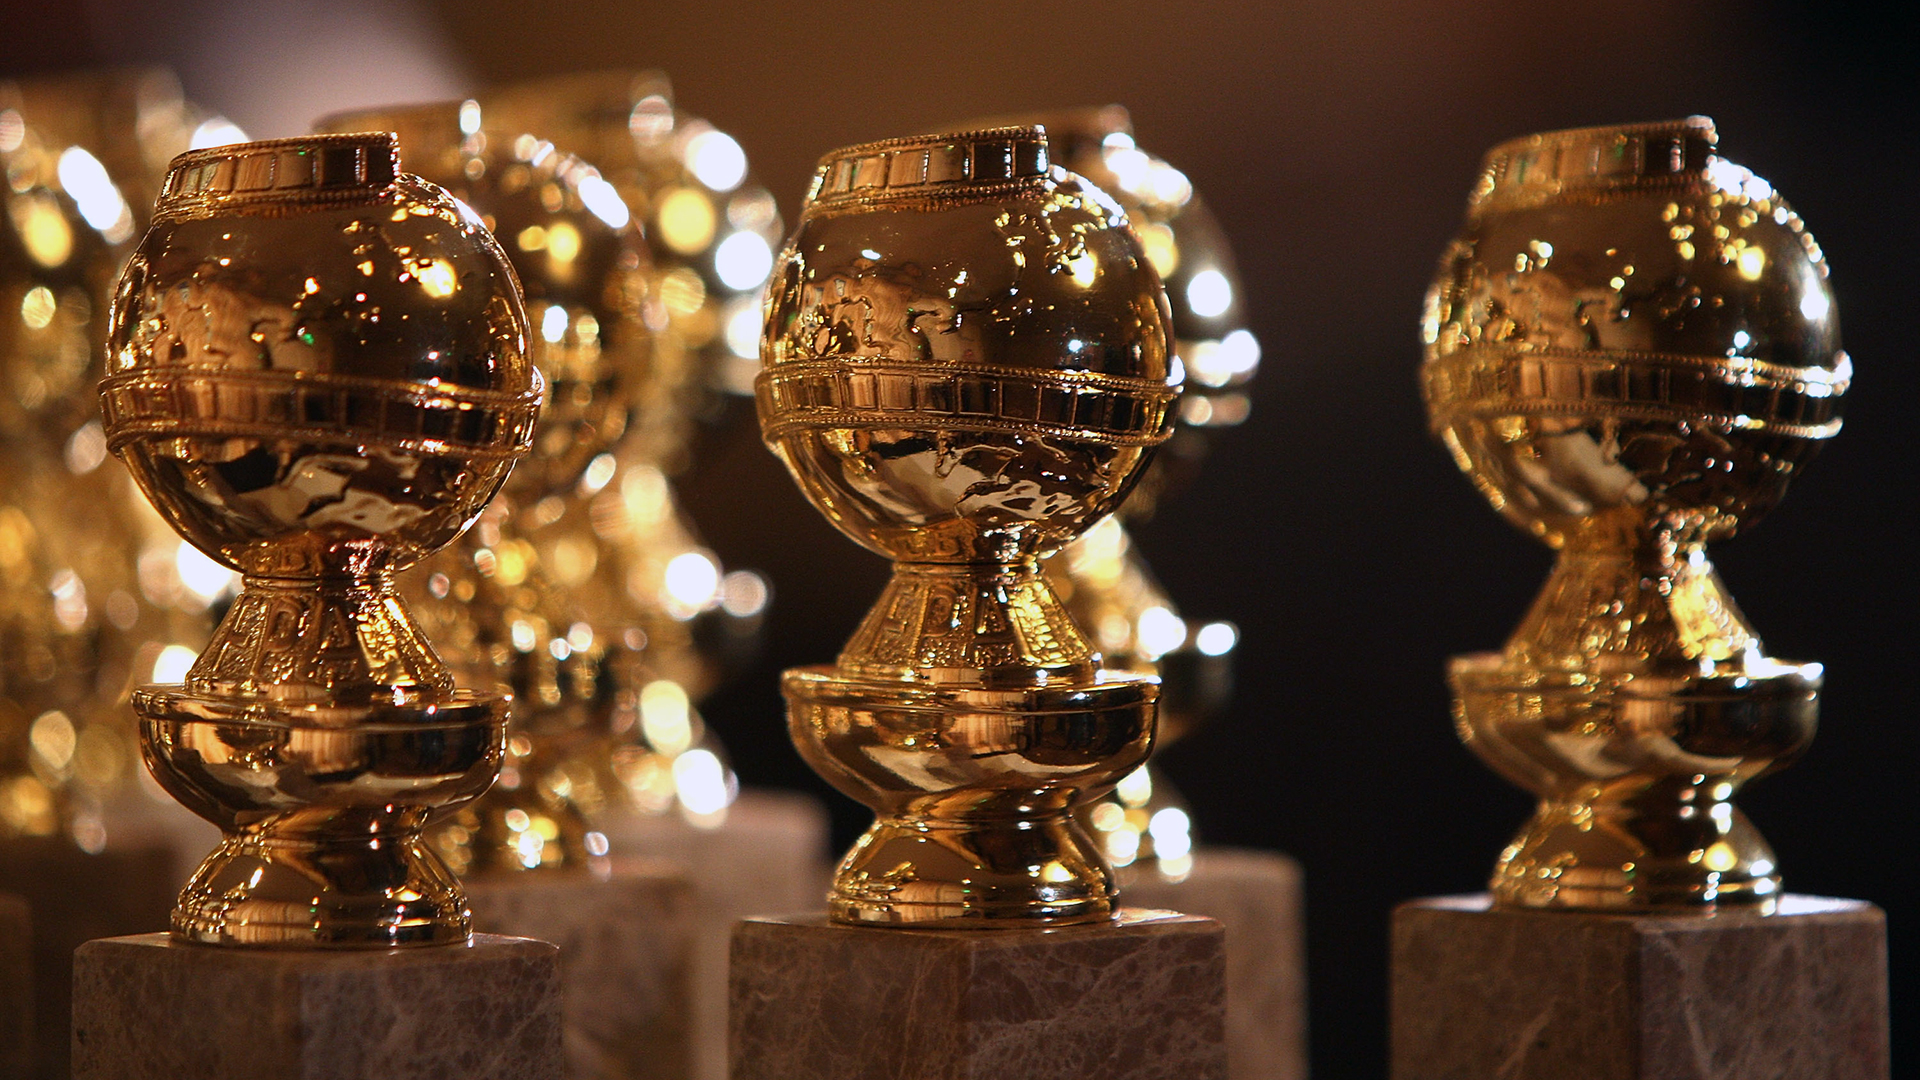 image regarding Golden Globe Ballot Printable identified as Golden Globes 2018: Obtain a Printable Ballot